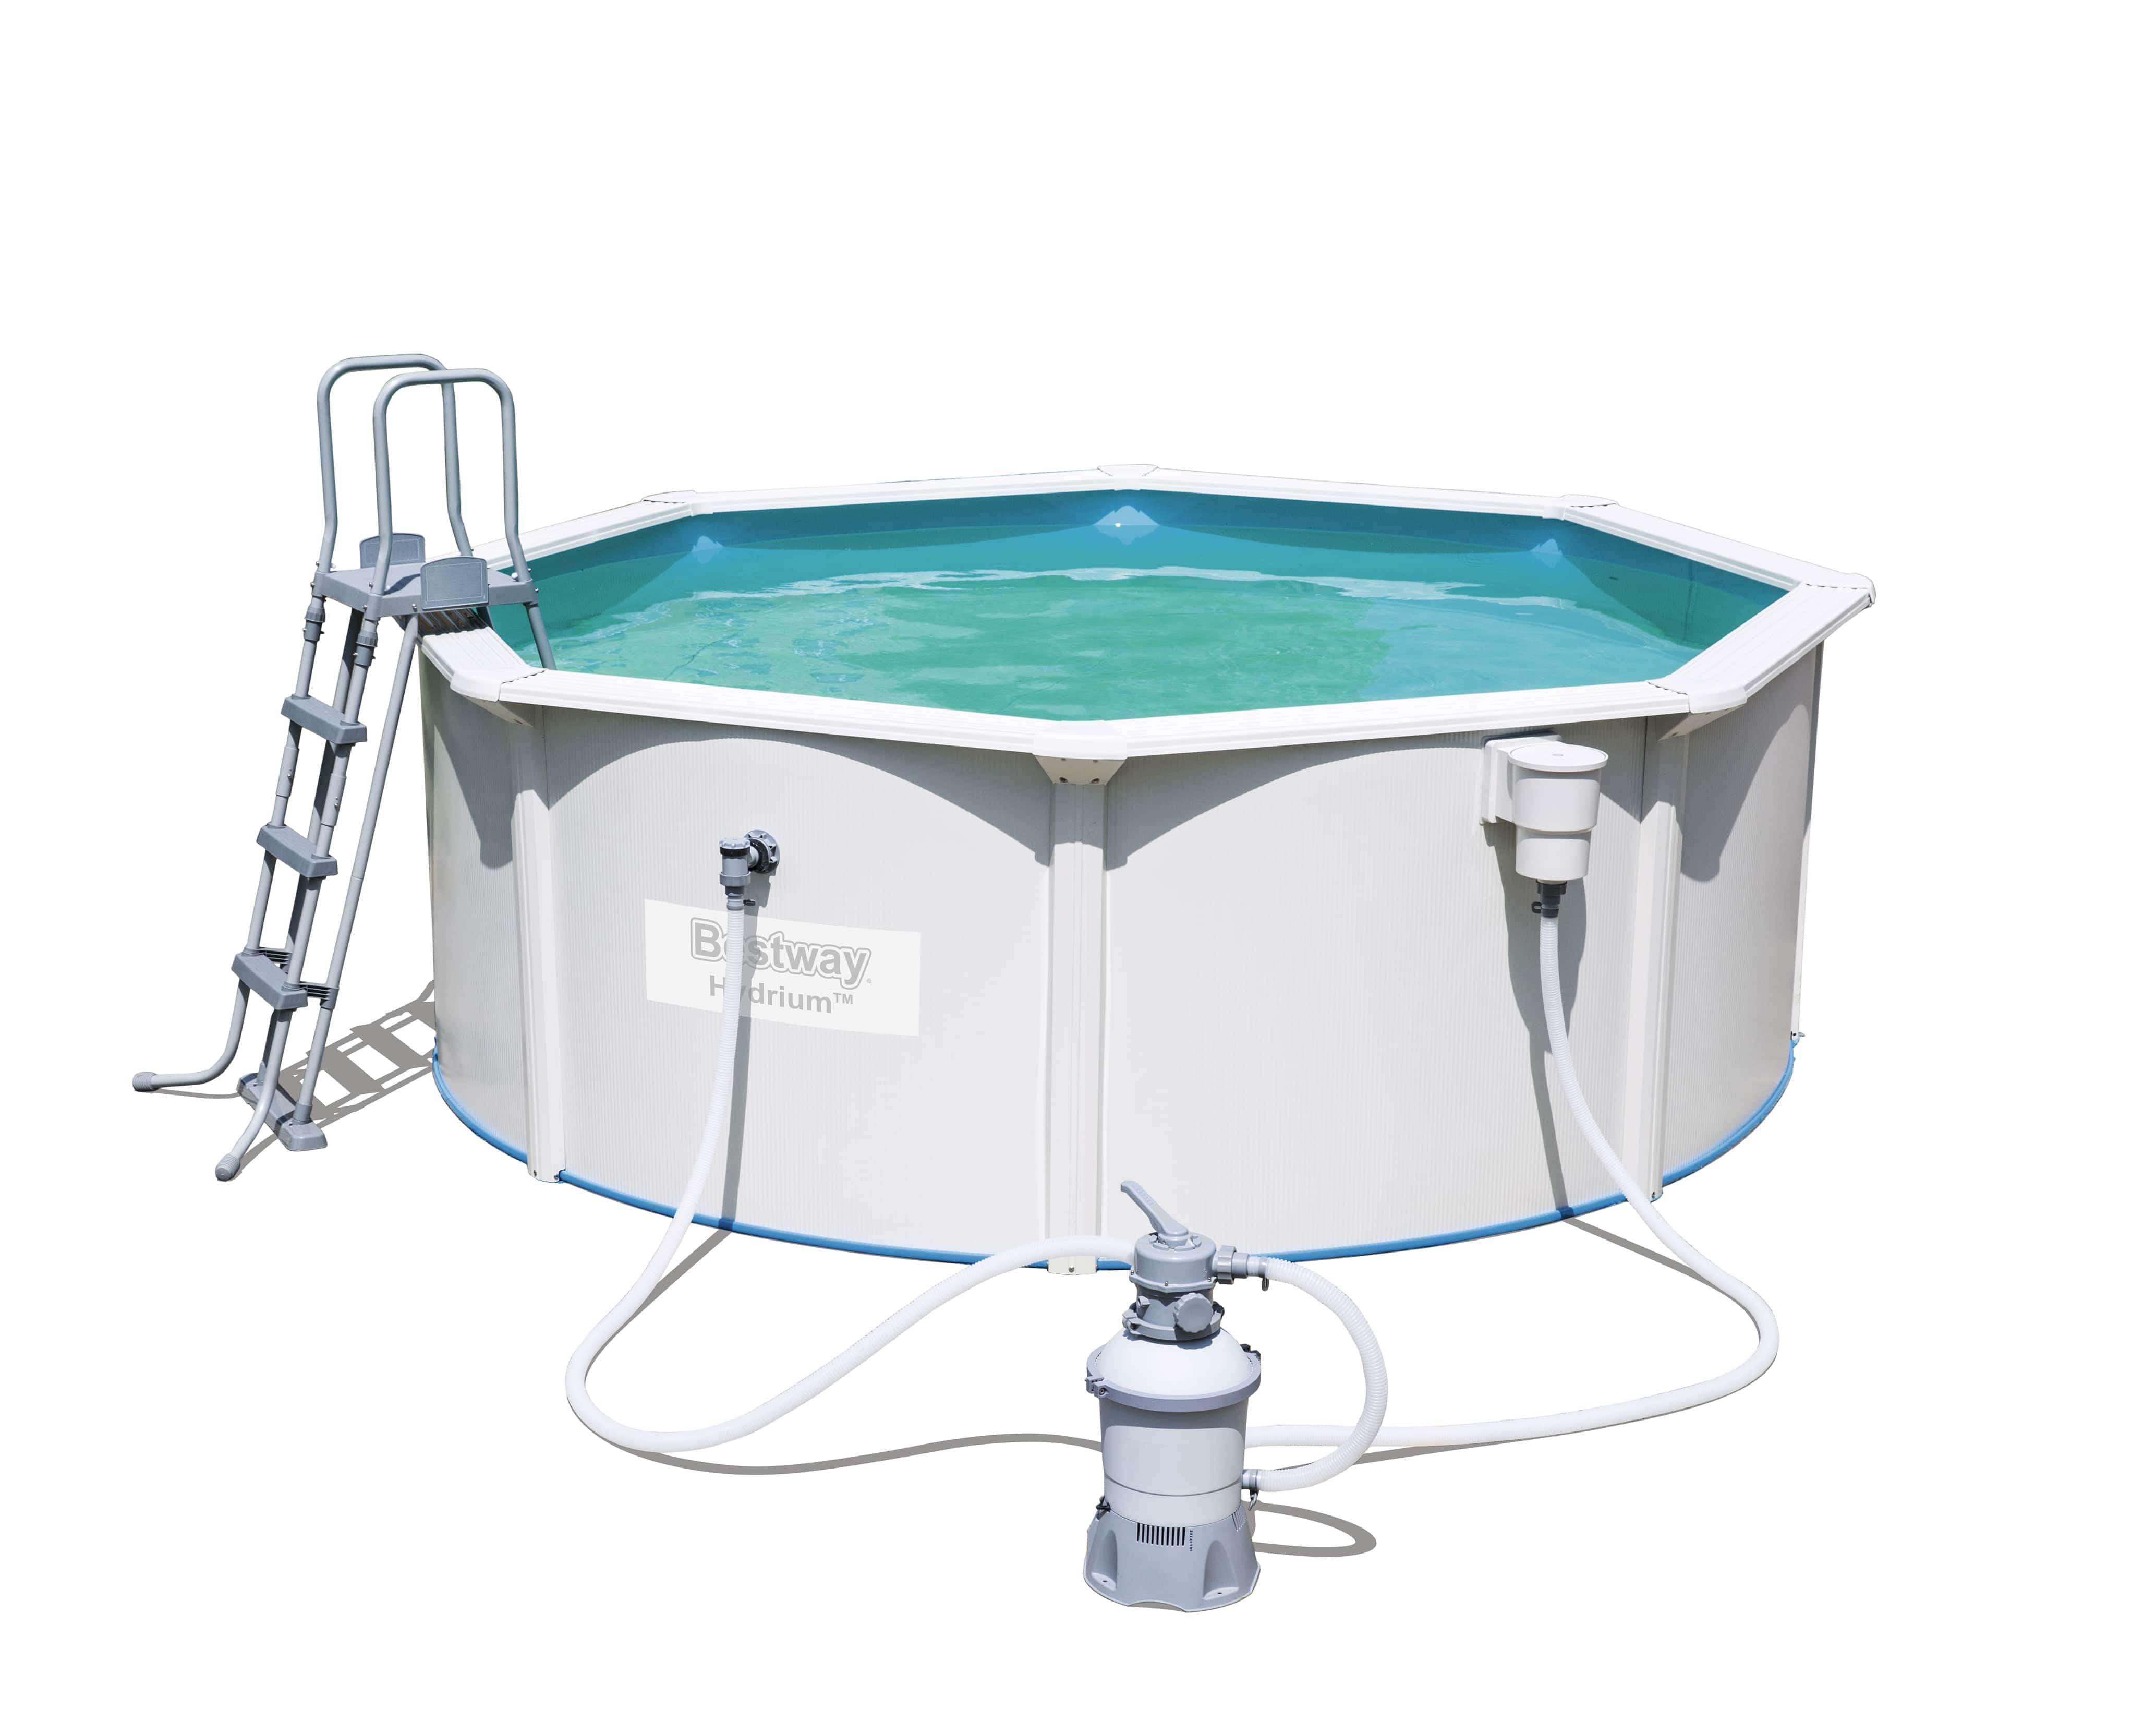 Bestway Zwembad Jersey set rond Ø360cm x 120cm - wit | Buitenspeelgoed